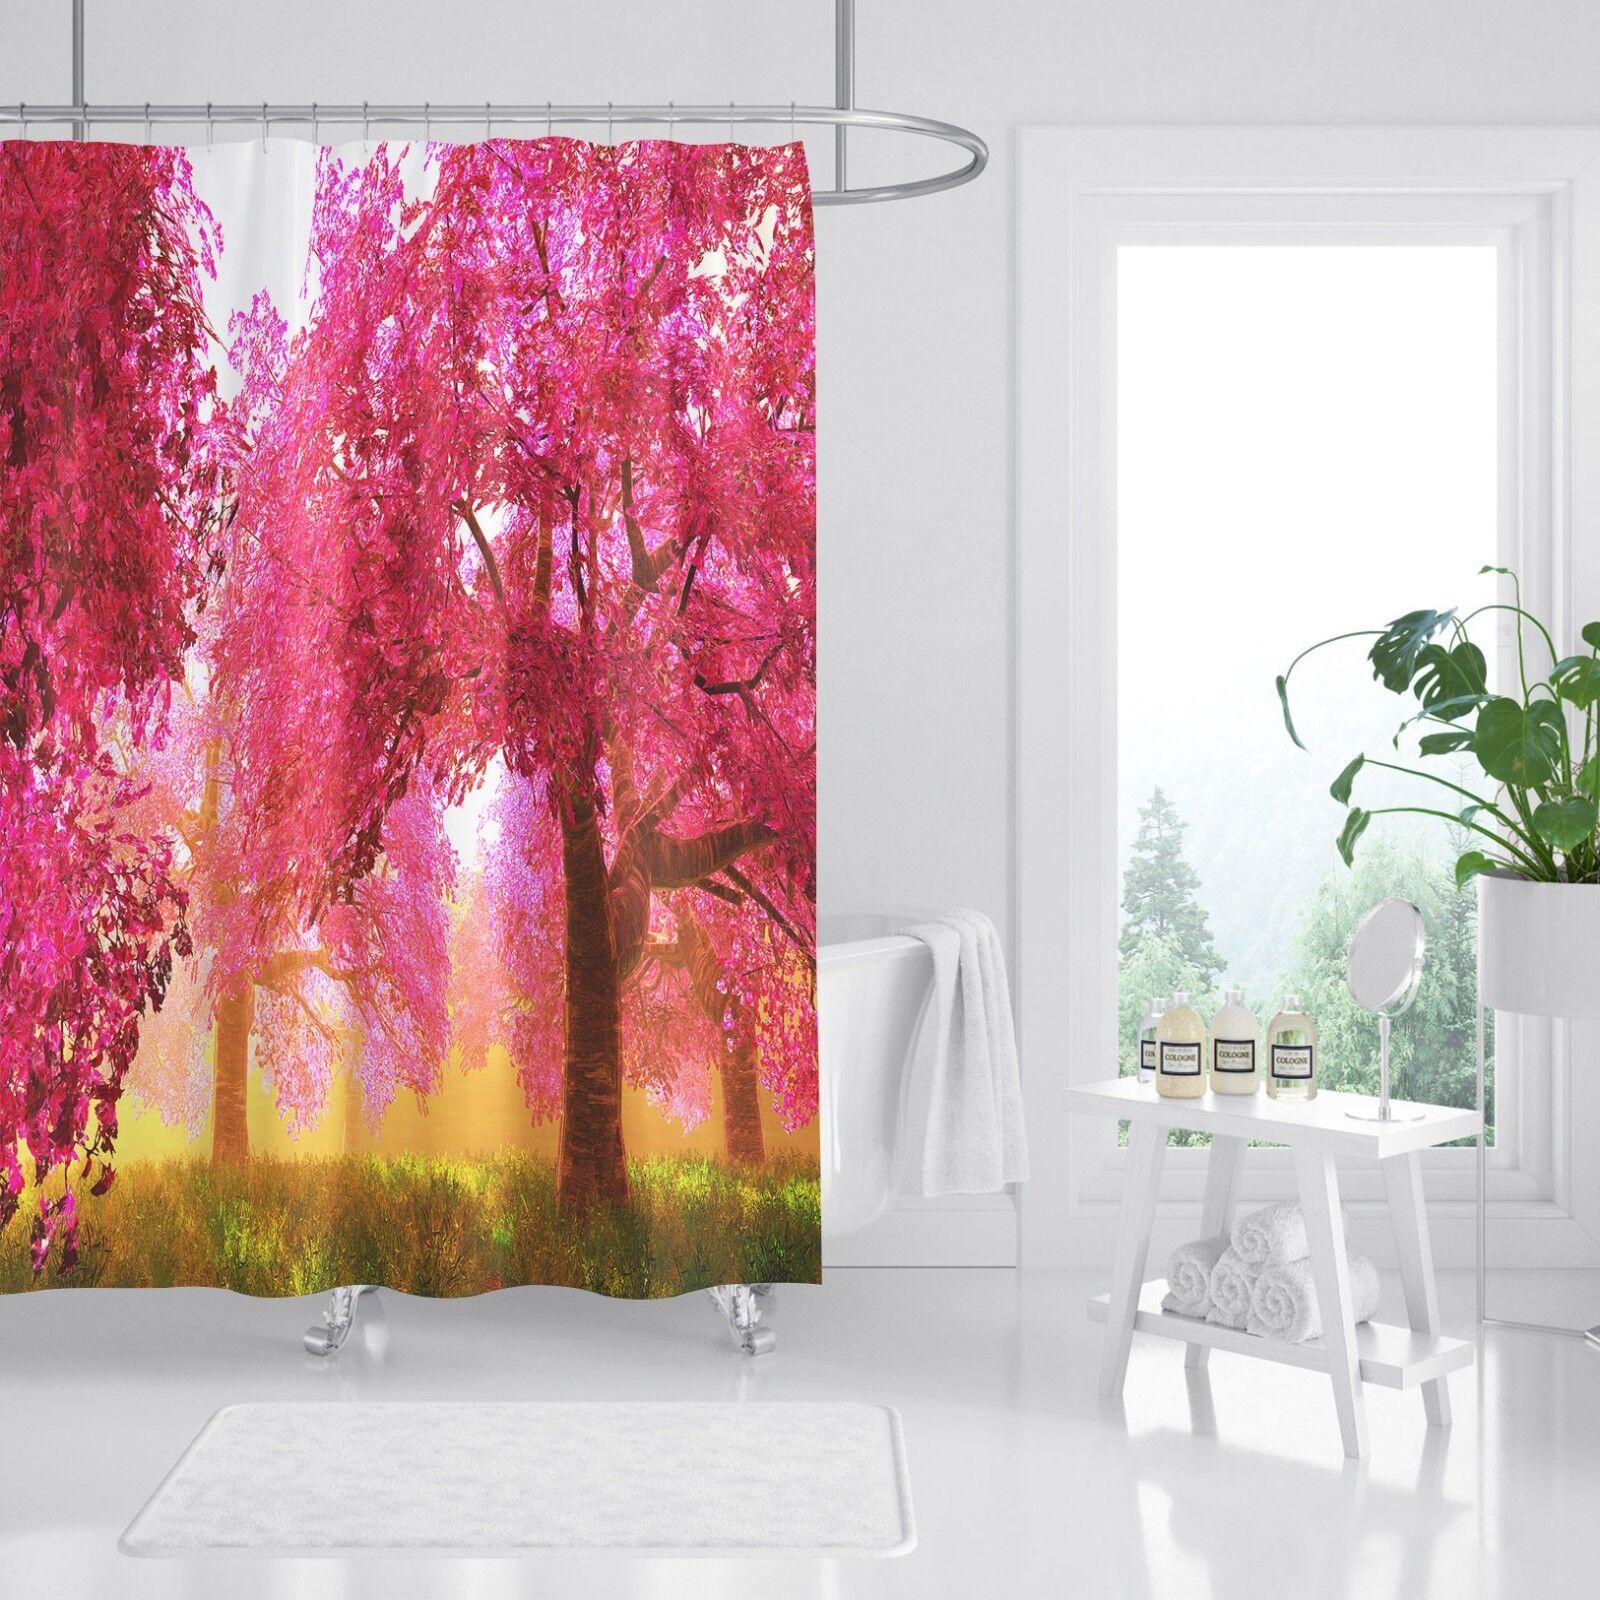 3D 3D 3D Roter Wald 232 Duschvorhang Wasserdicht Faser Bad Daheim Windows Toilette DE | Hohe Qualität und Wirtschaftlichkeit  fe257a